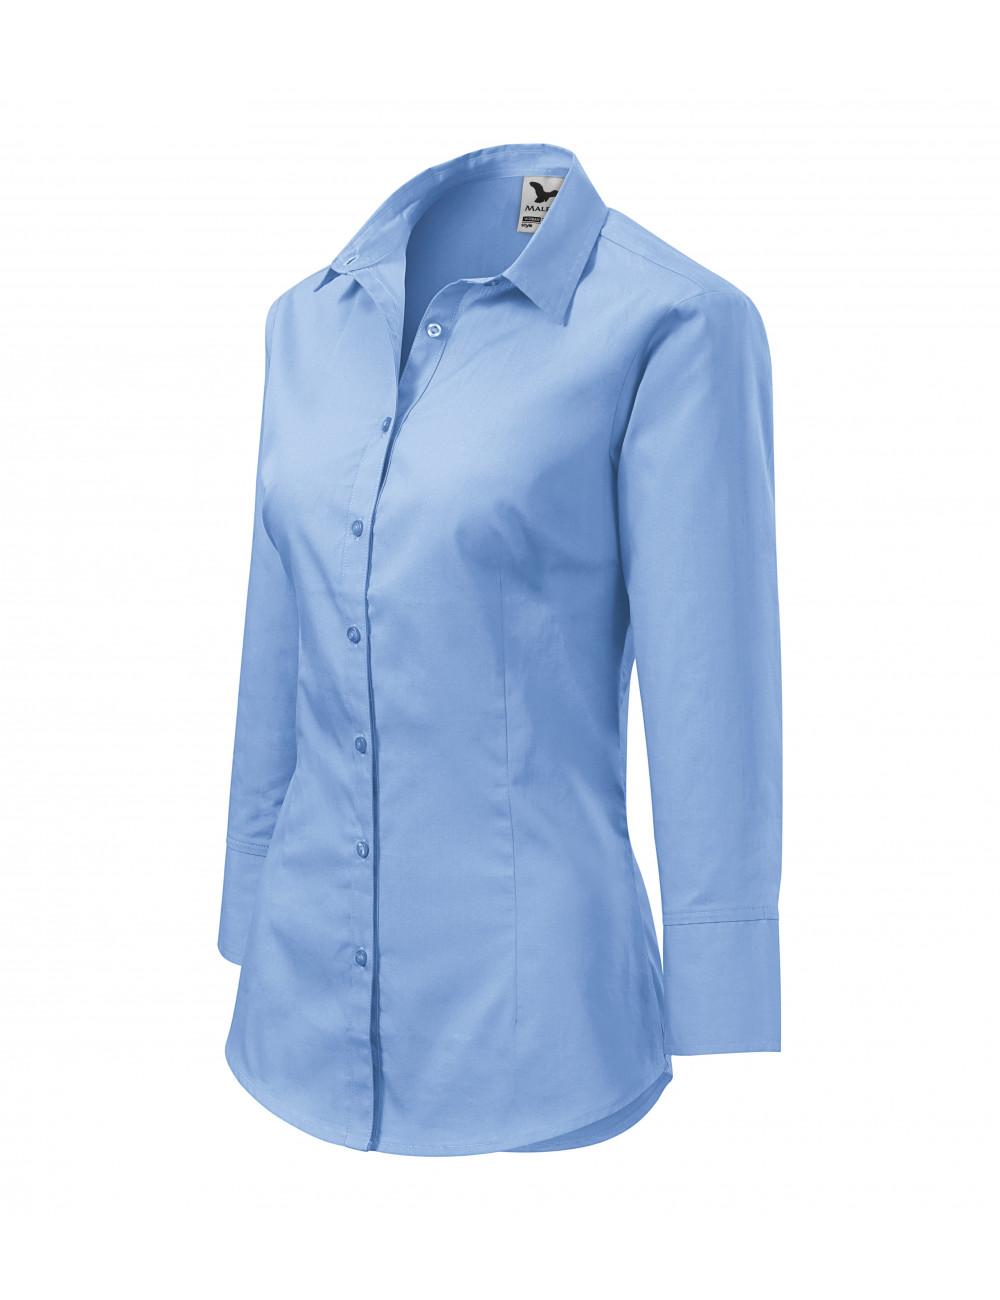 Adler MALFINI Koszula damska Style 218 błękitny